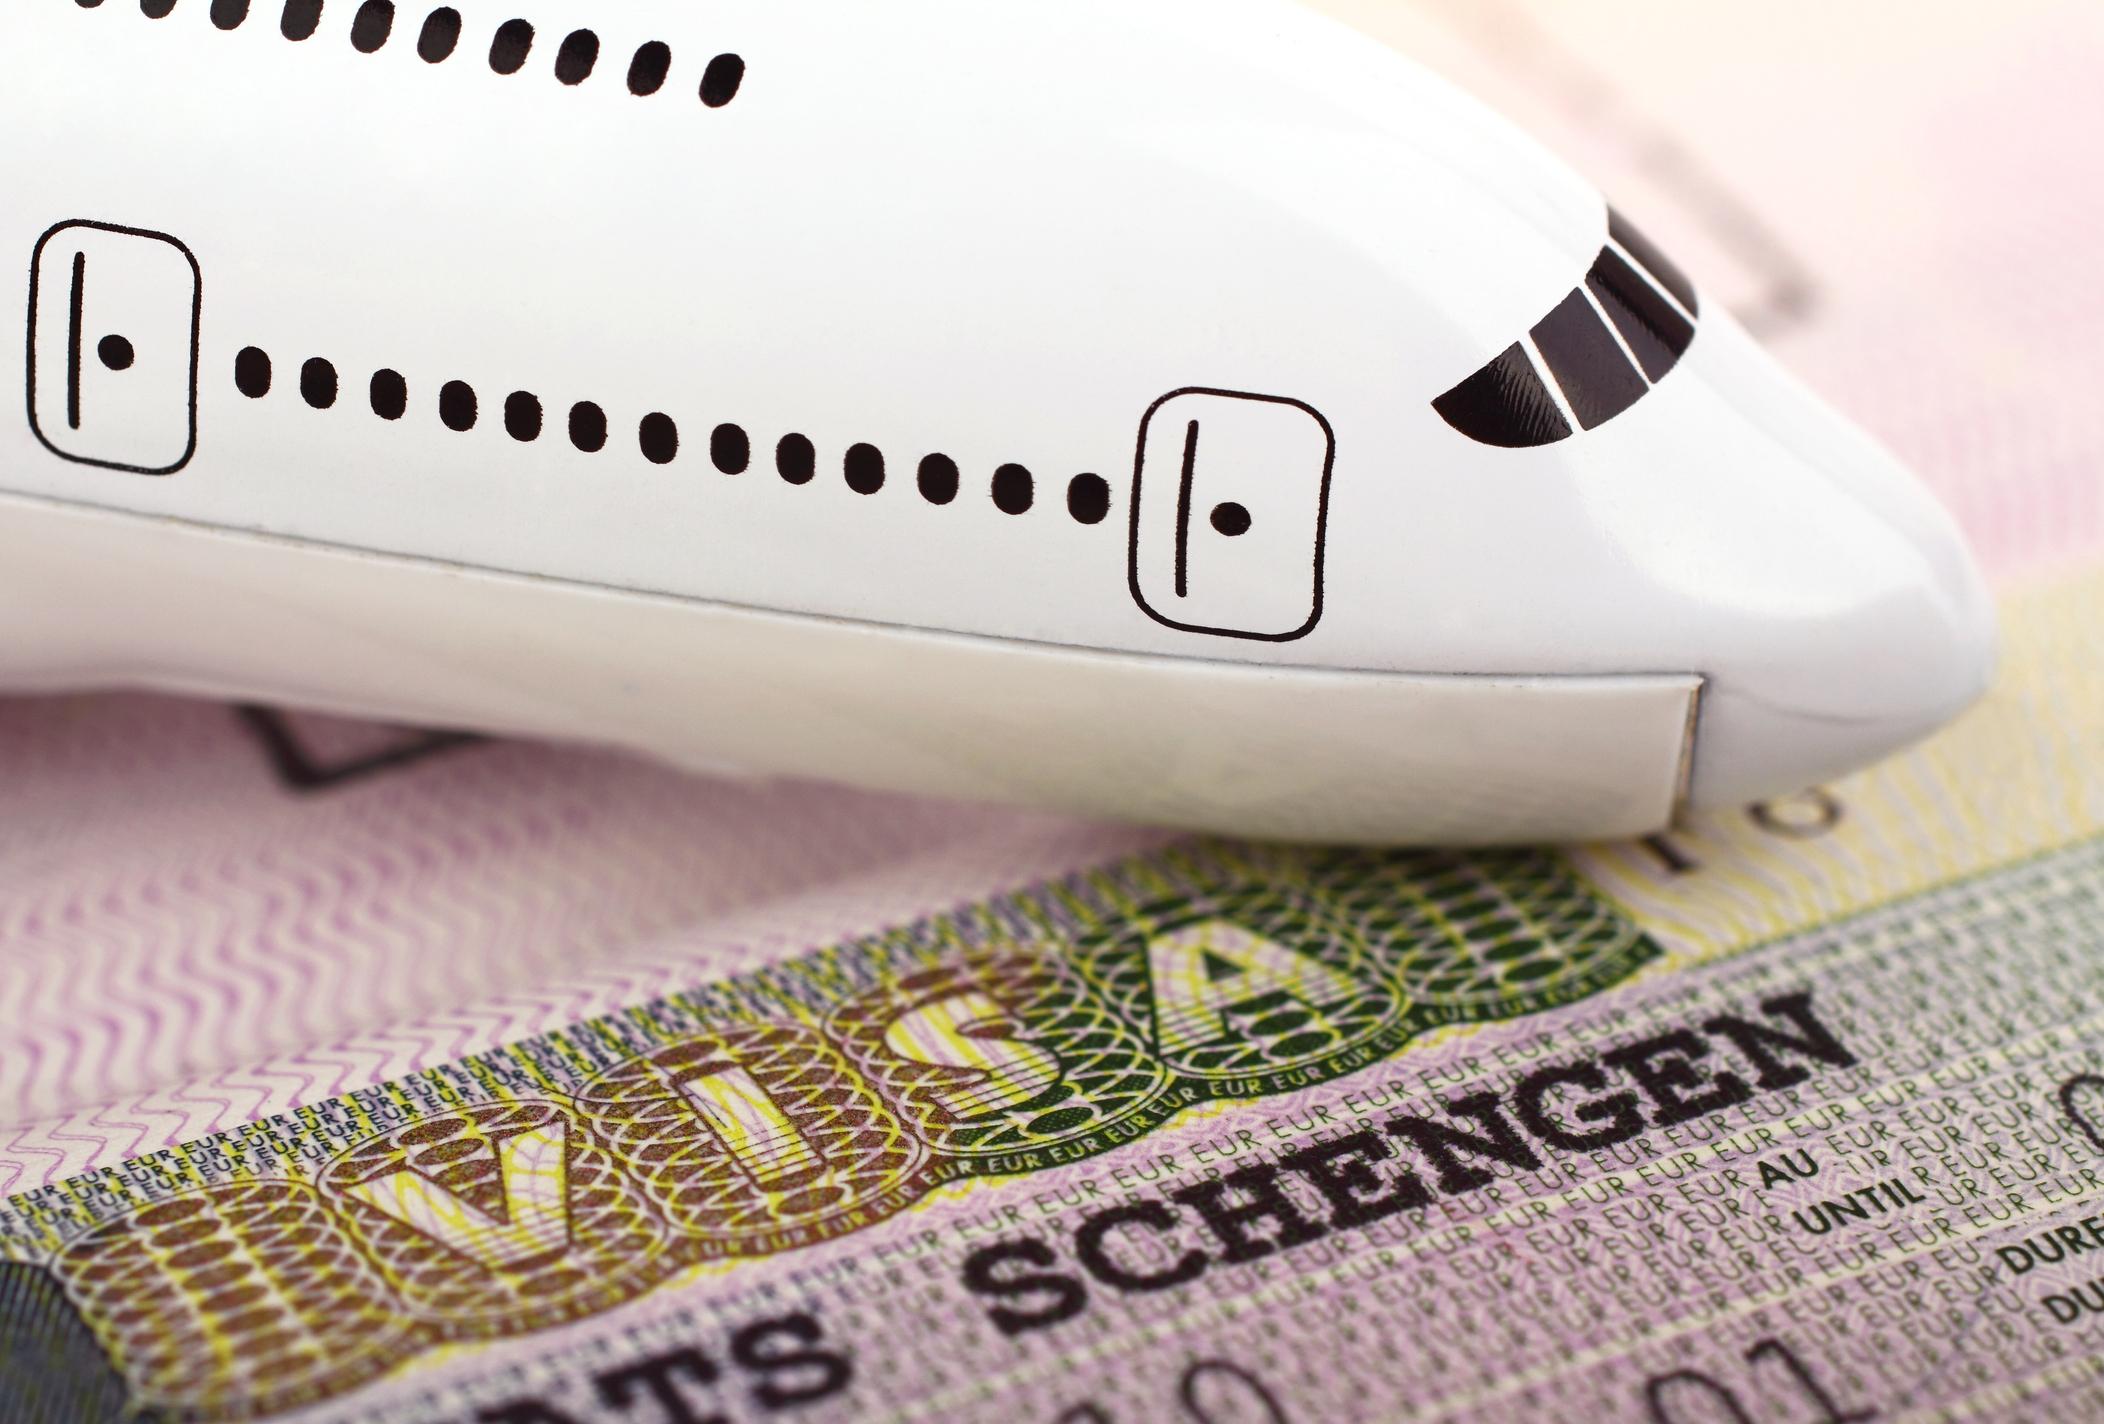 Image of Schengen Visa.